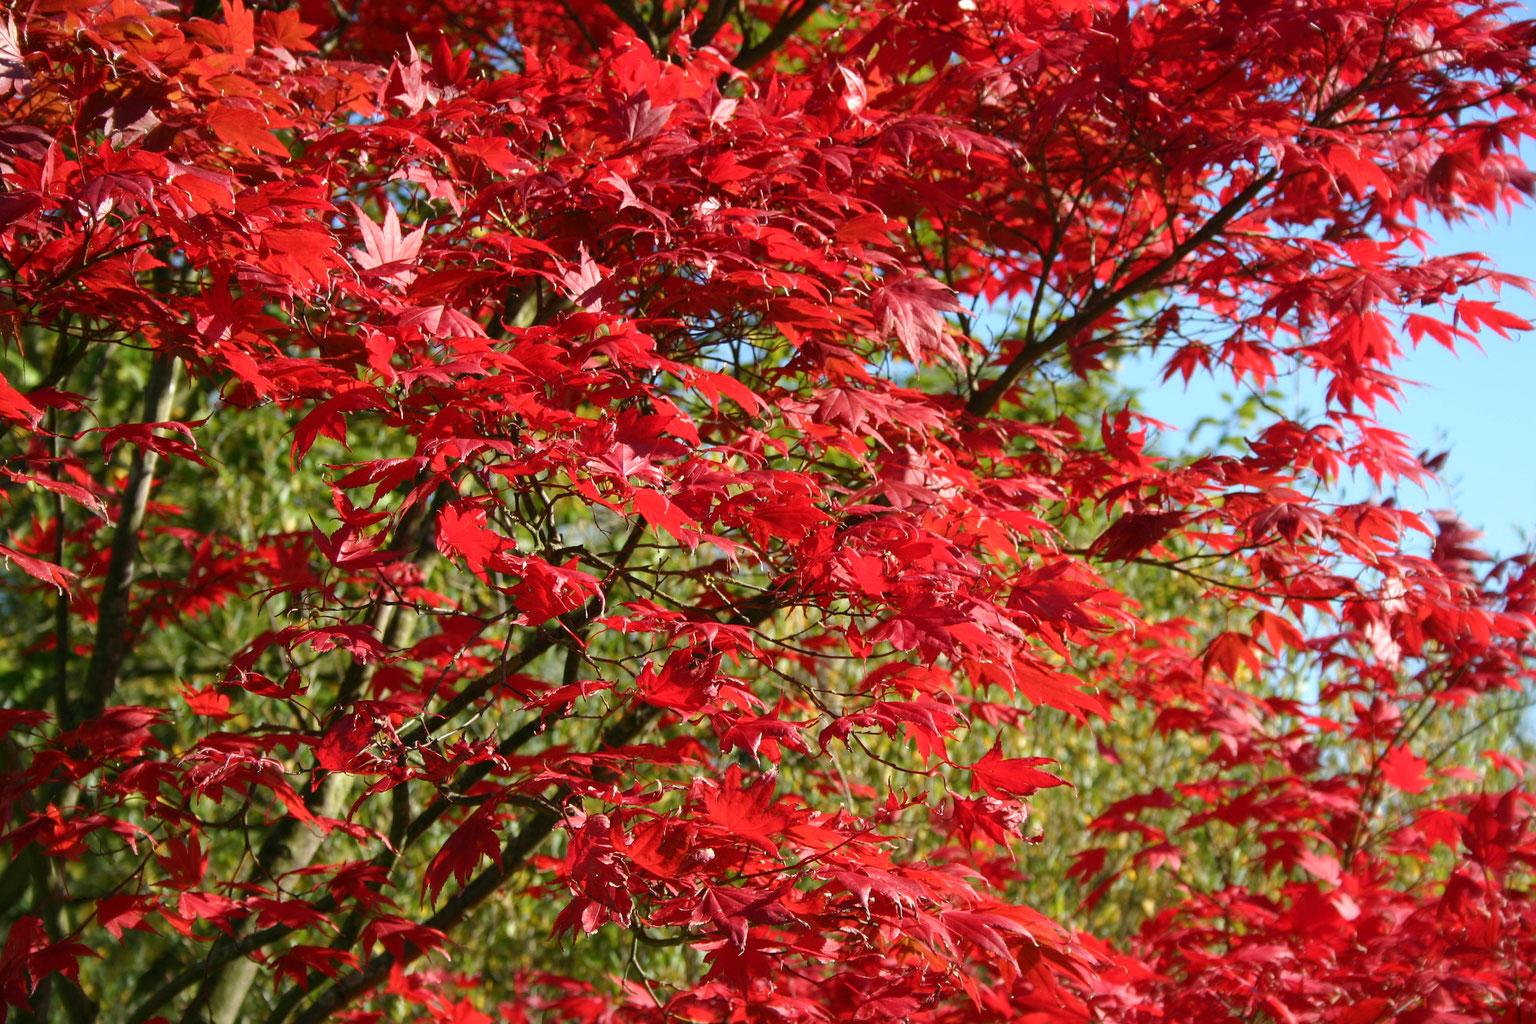 Herbstliches feuerwerk b ume und str ucher mit auff lliger herbstf rbung torsten schlicht - Gartenplanung hannover ...